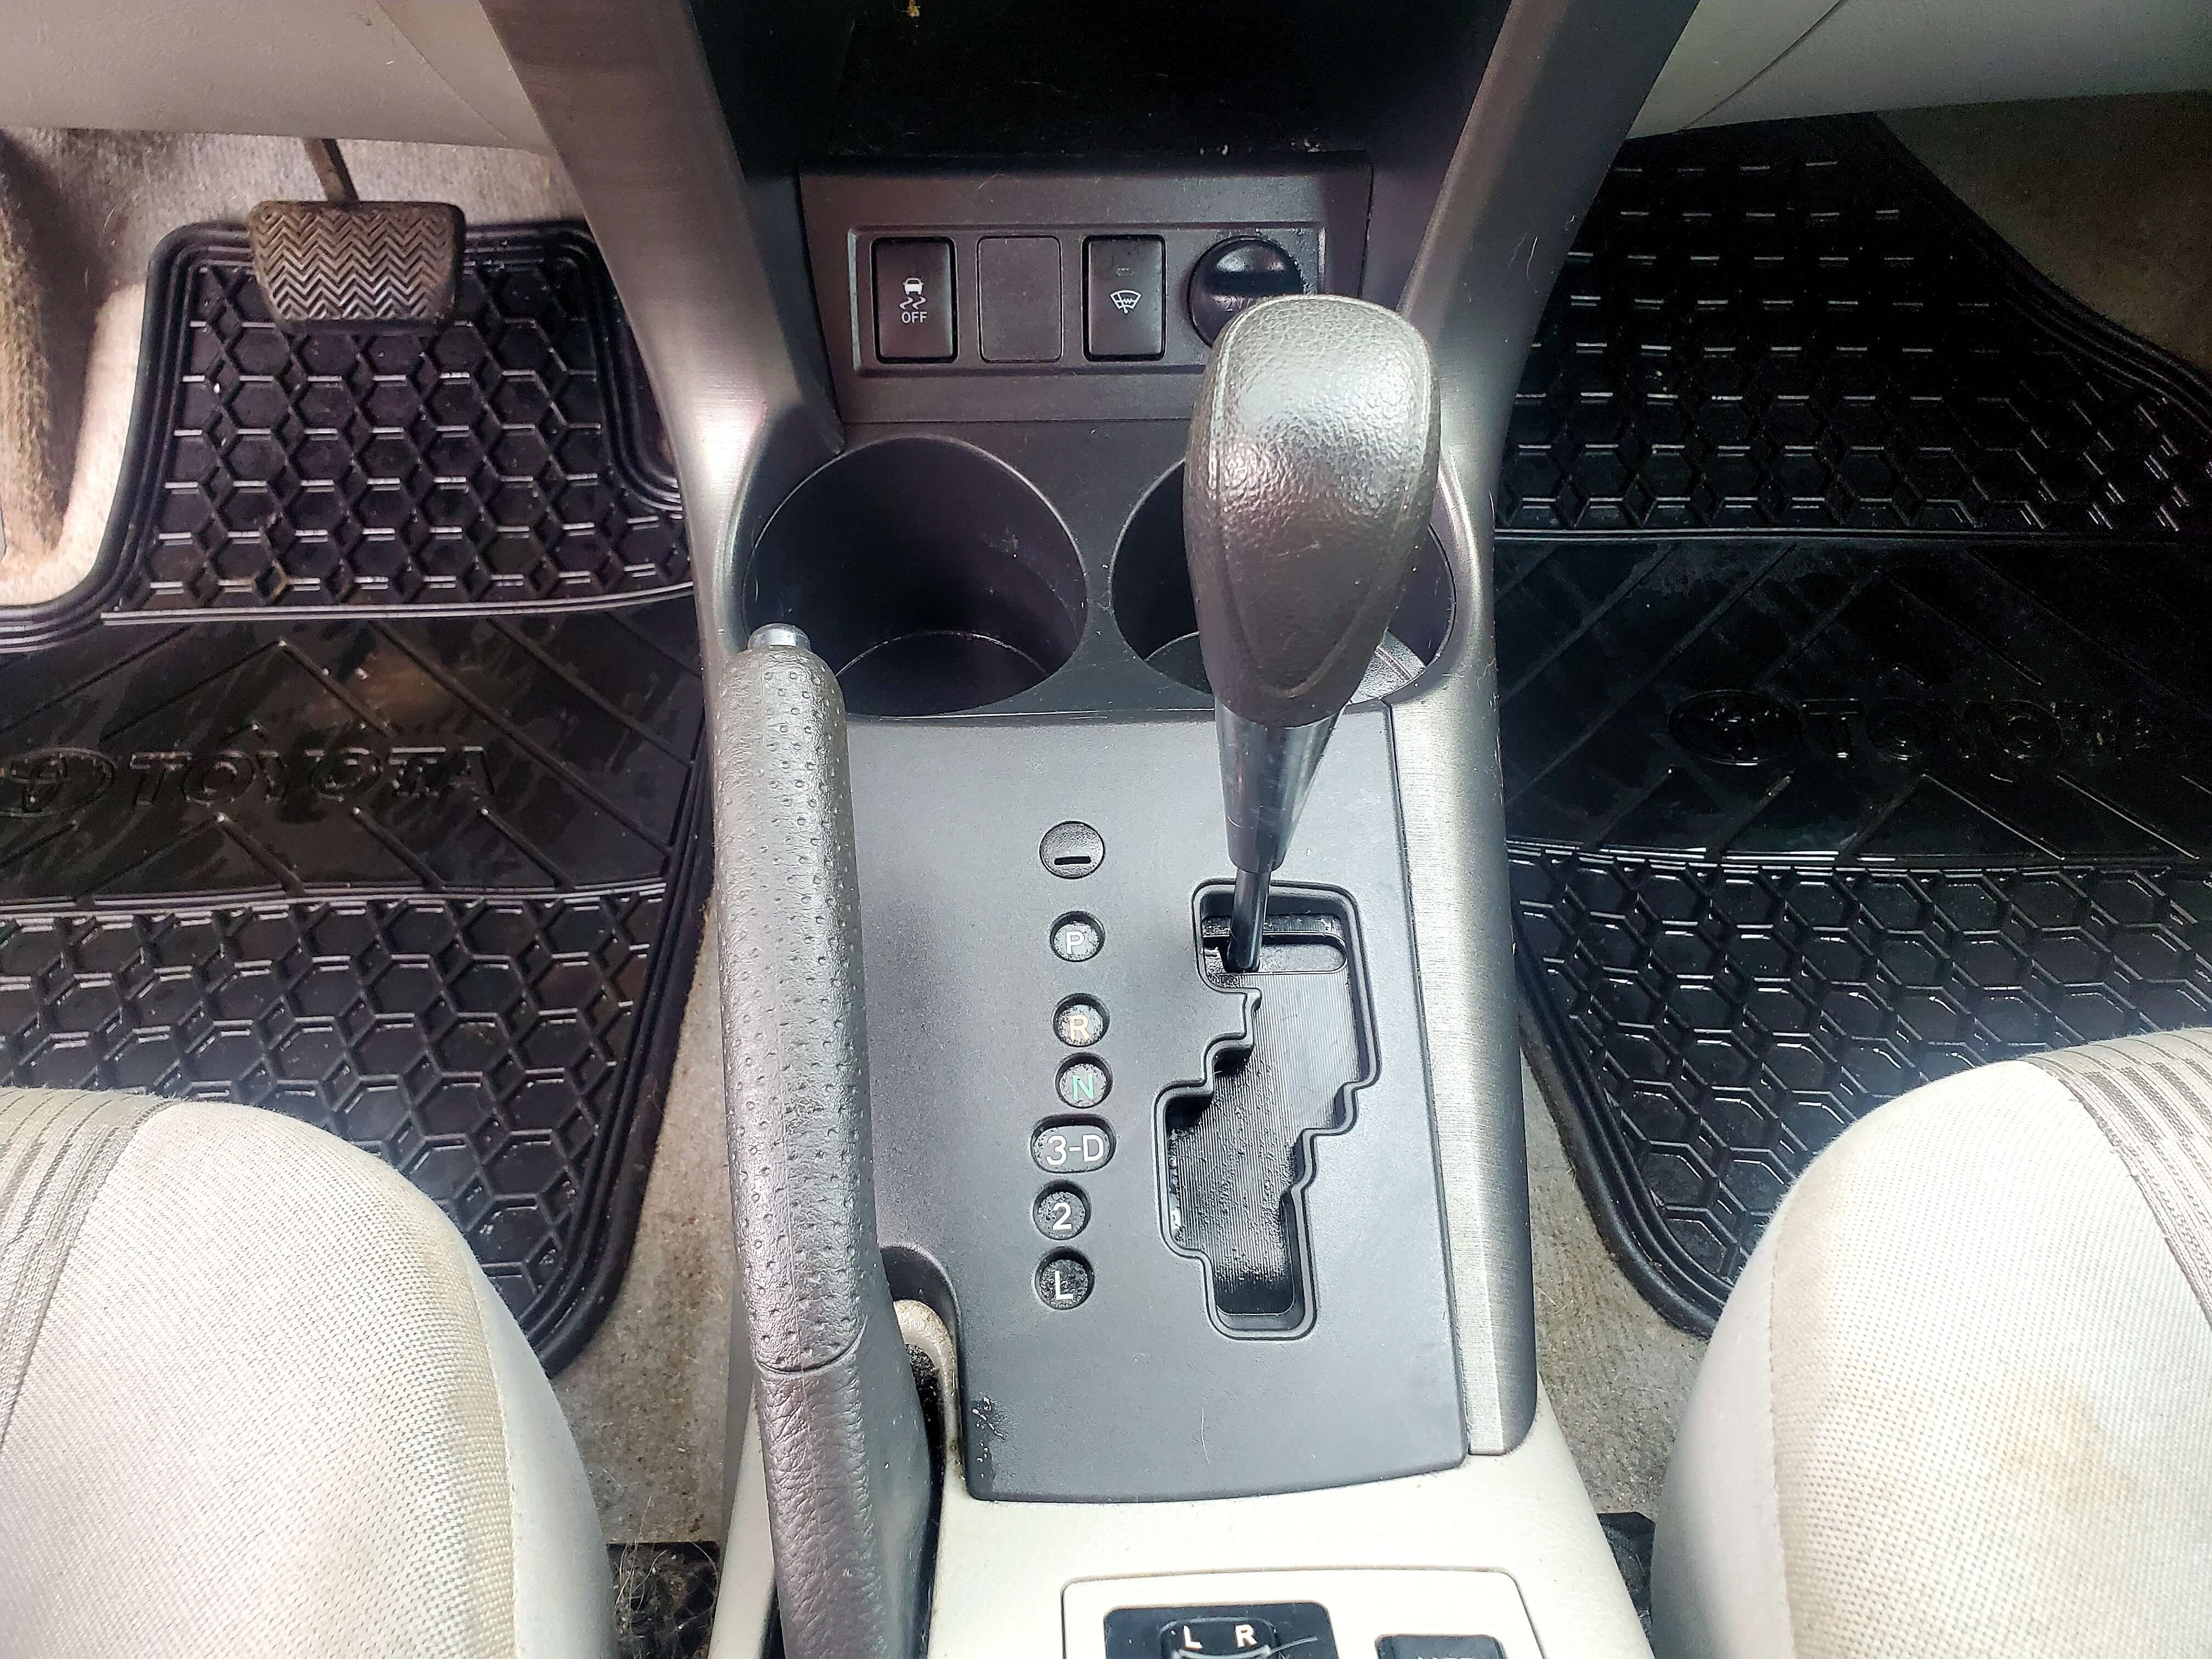 2012 Toyota RAV4 complet